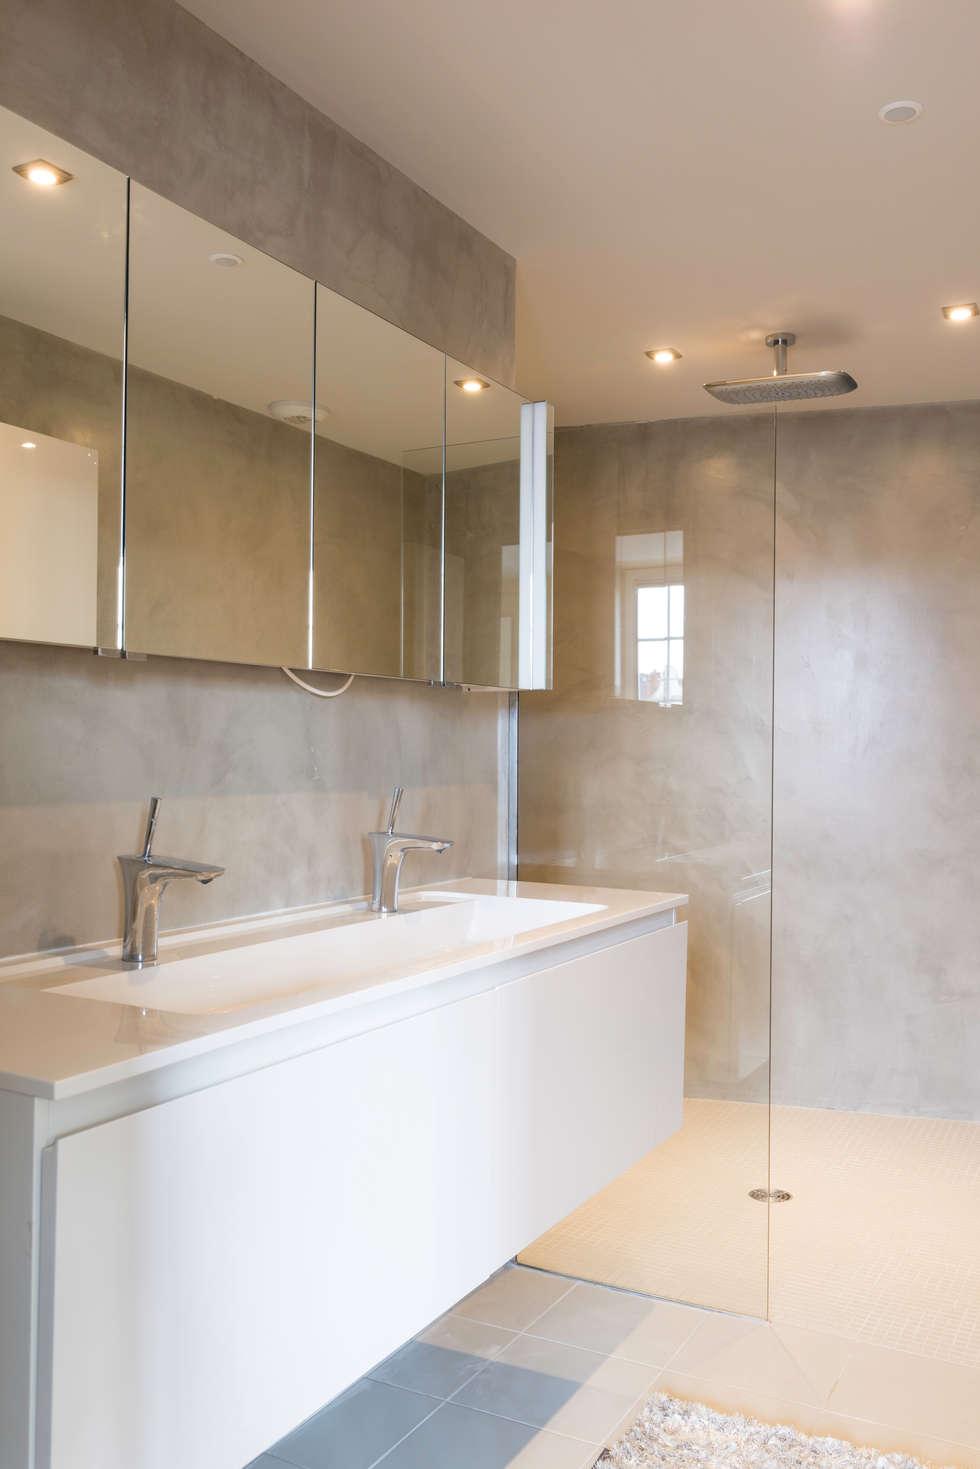 Salle de bain de la suite parentale: Maisons de style de style eclectique par AGENCE JULIETTE VAILLANT ARCHITECTE